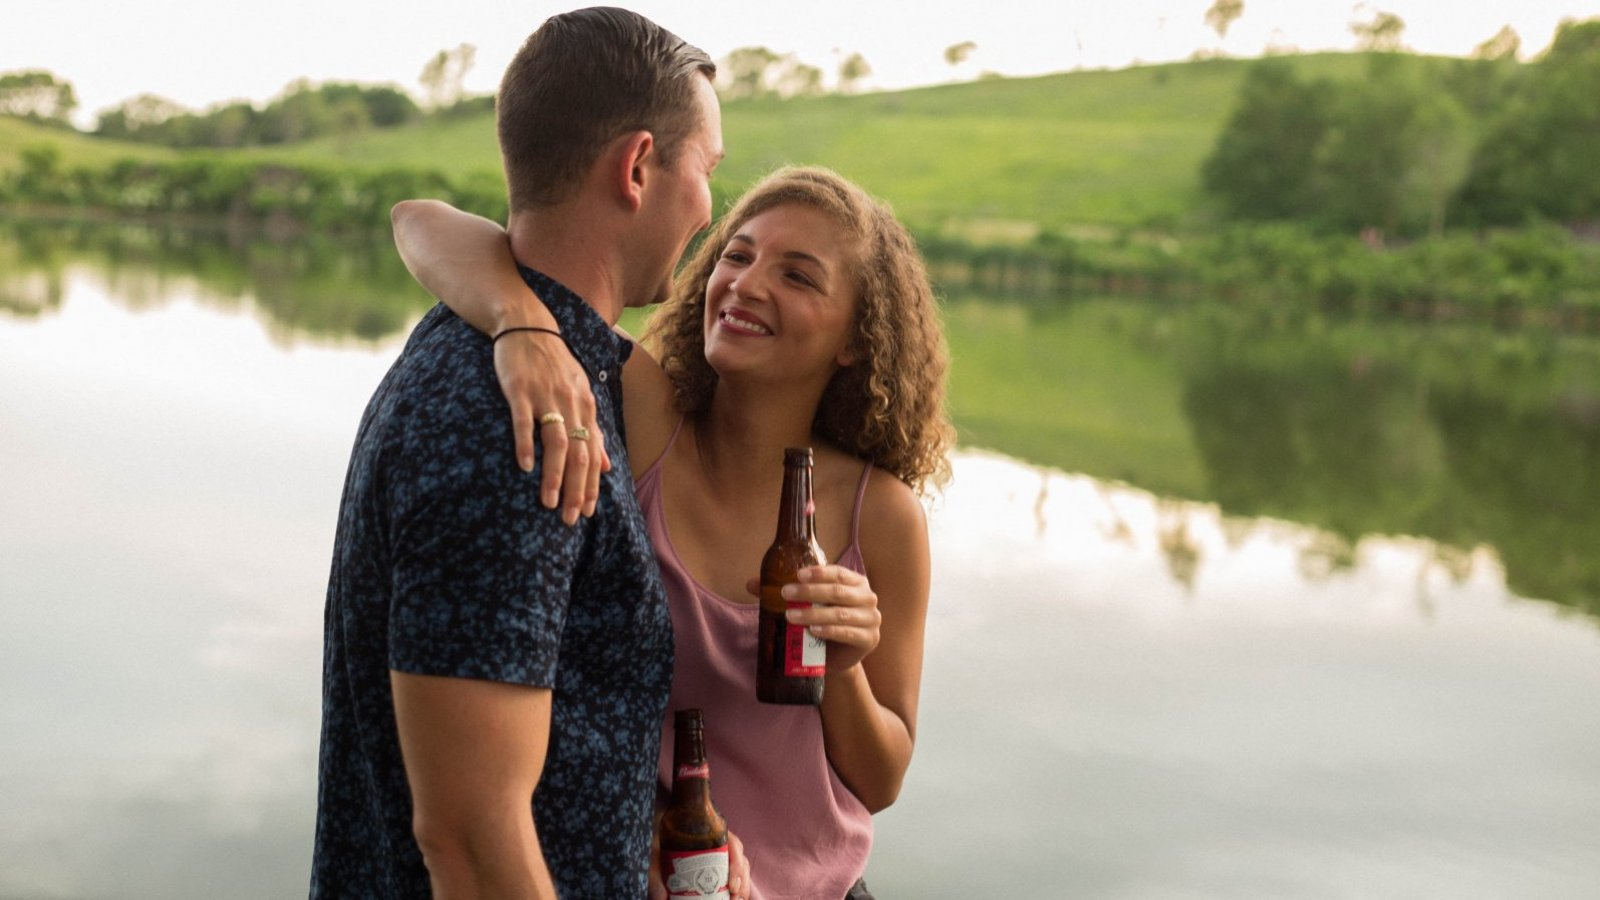 Para muchas personas, retomar la relación de amistad con su ex es síntoma de madurez.